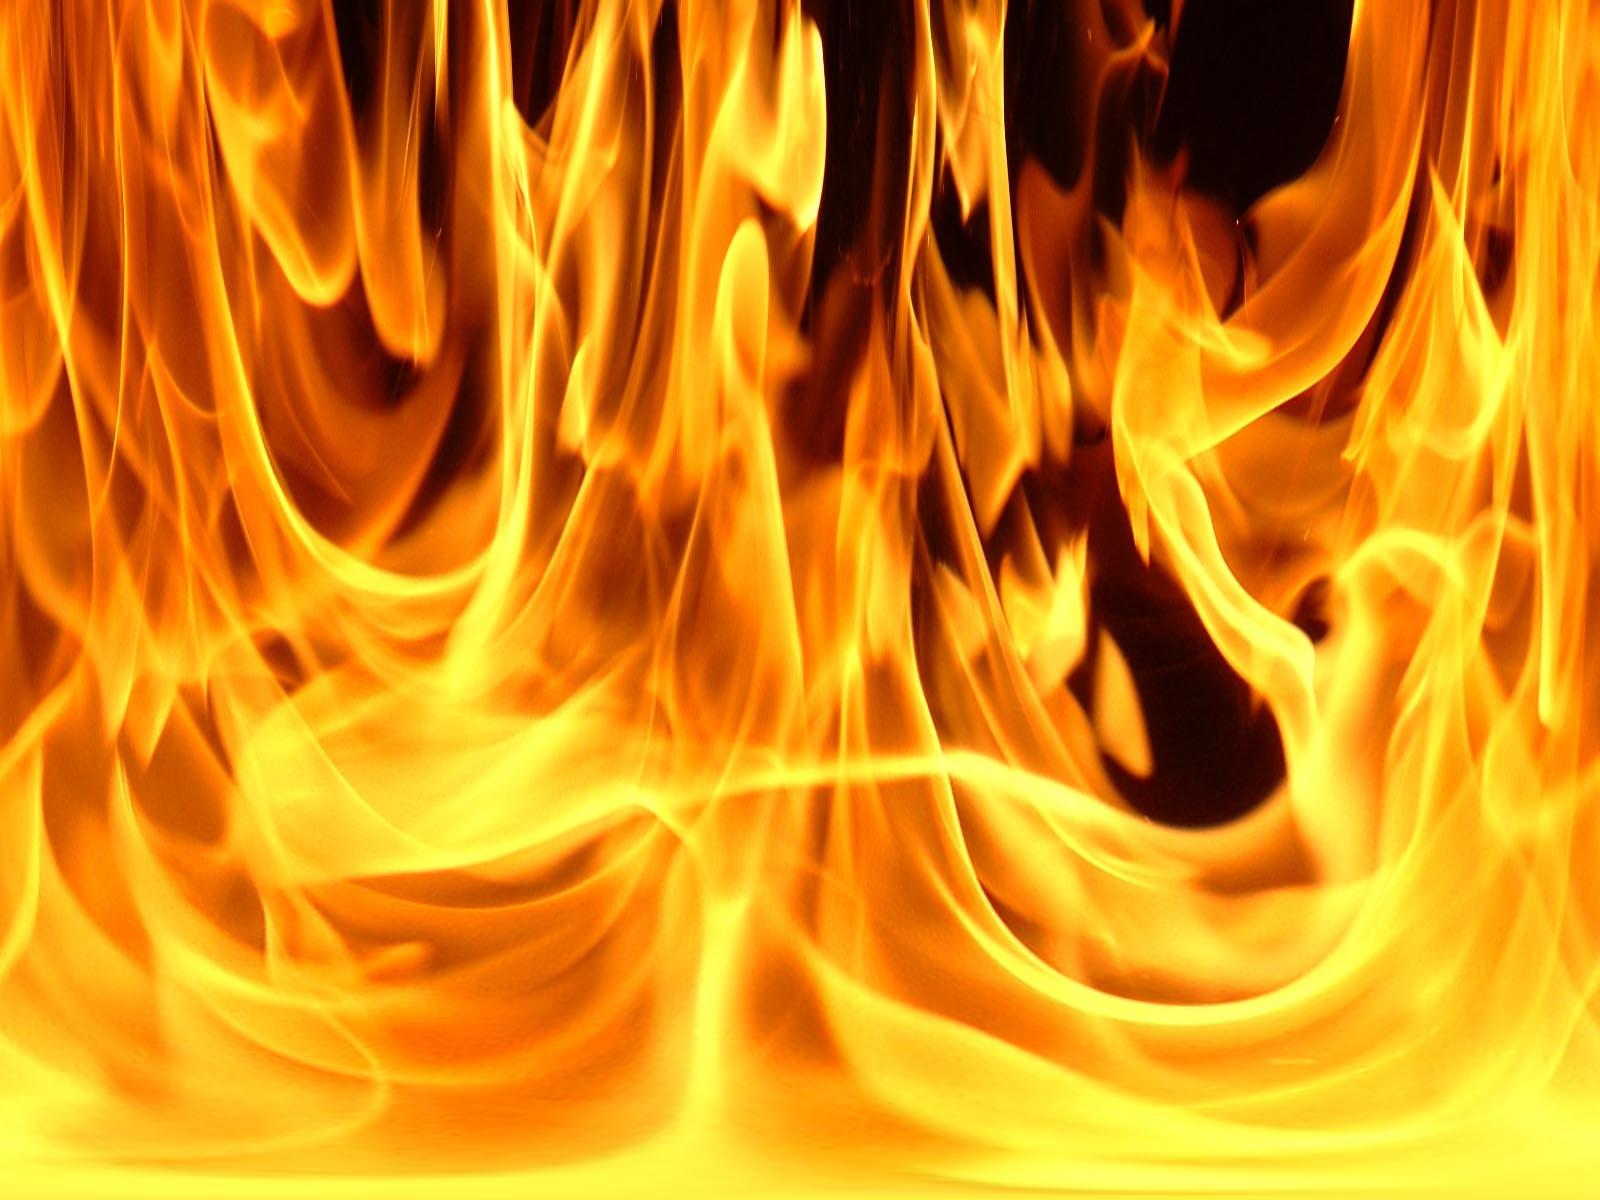 Вчера, 20-го января, в шестом часу утра на пульт «01» поступило сообщение о возгорании в жилом до